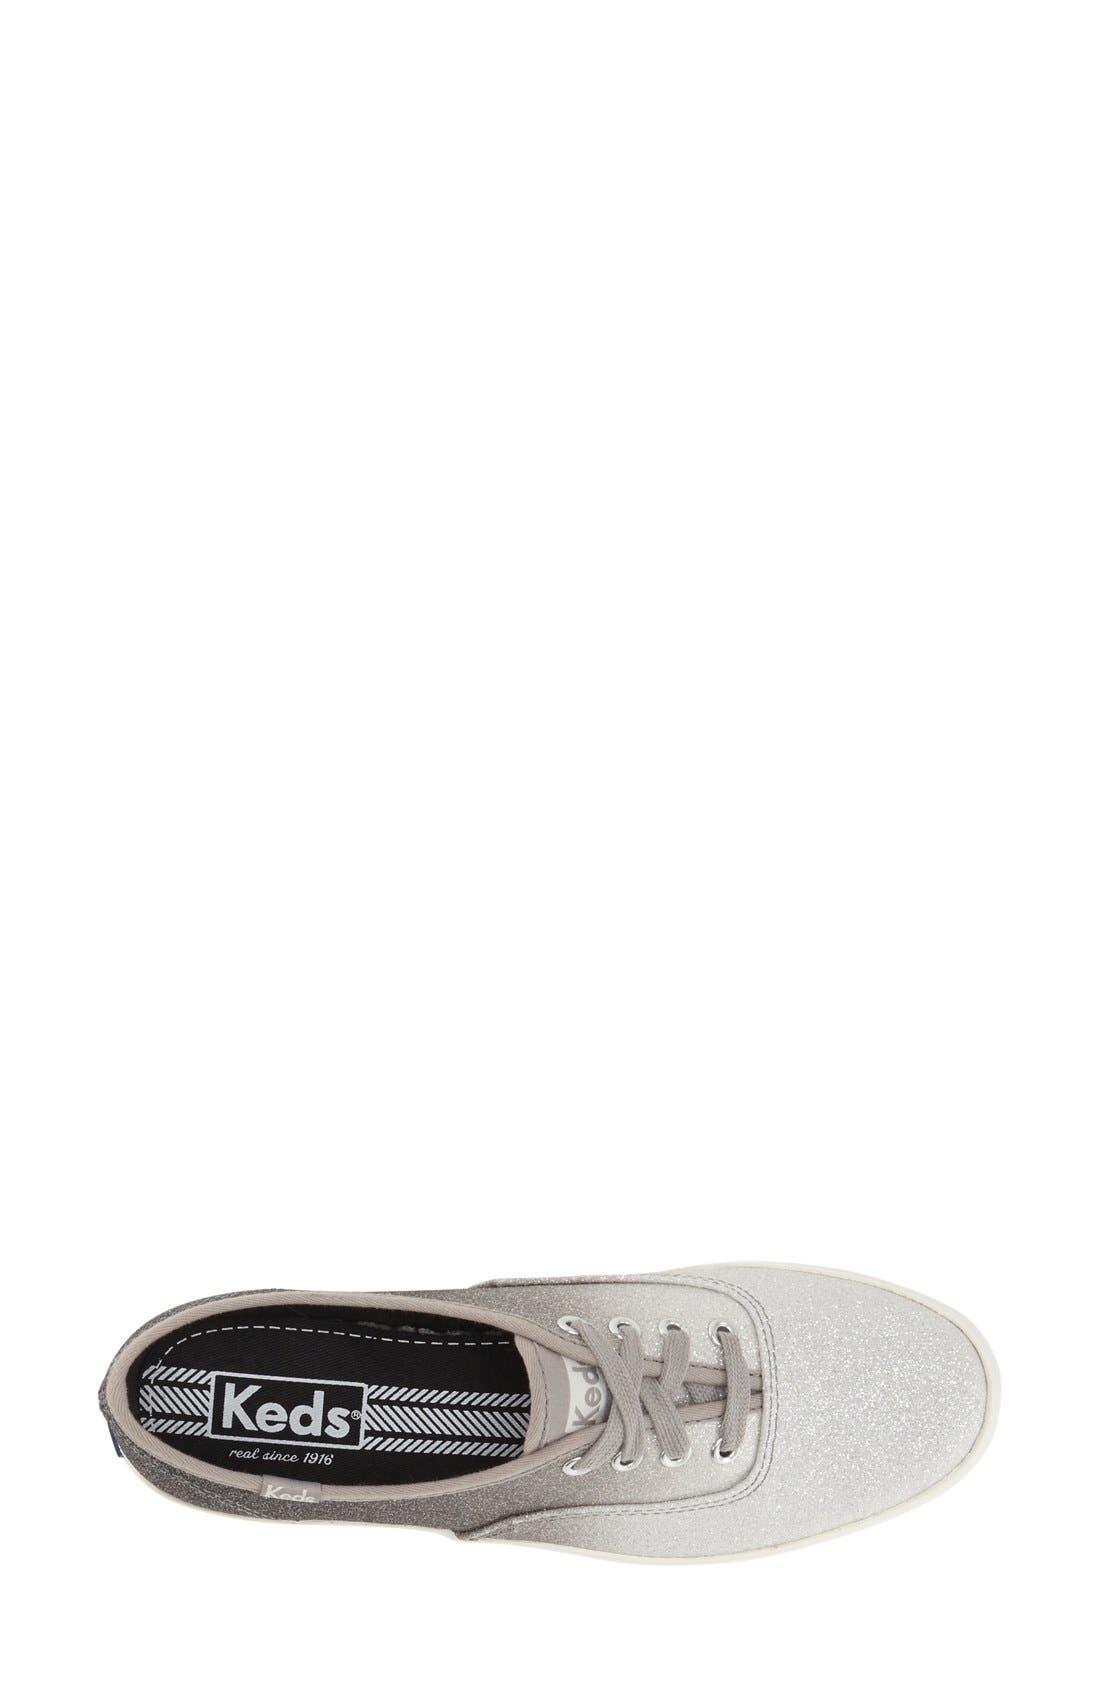 Alternate Image 3  - Keds® 'Champion - Ombré Glitter' Sneaker (Women)